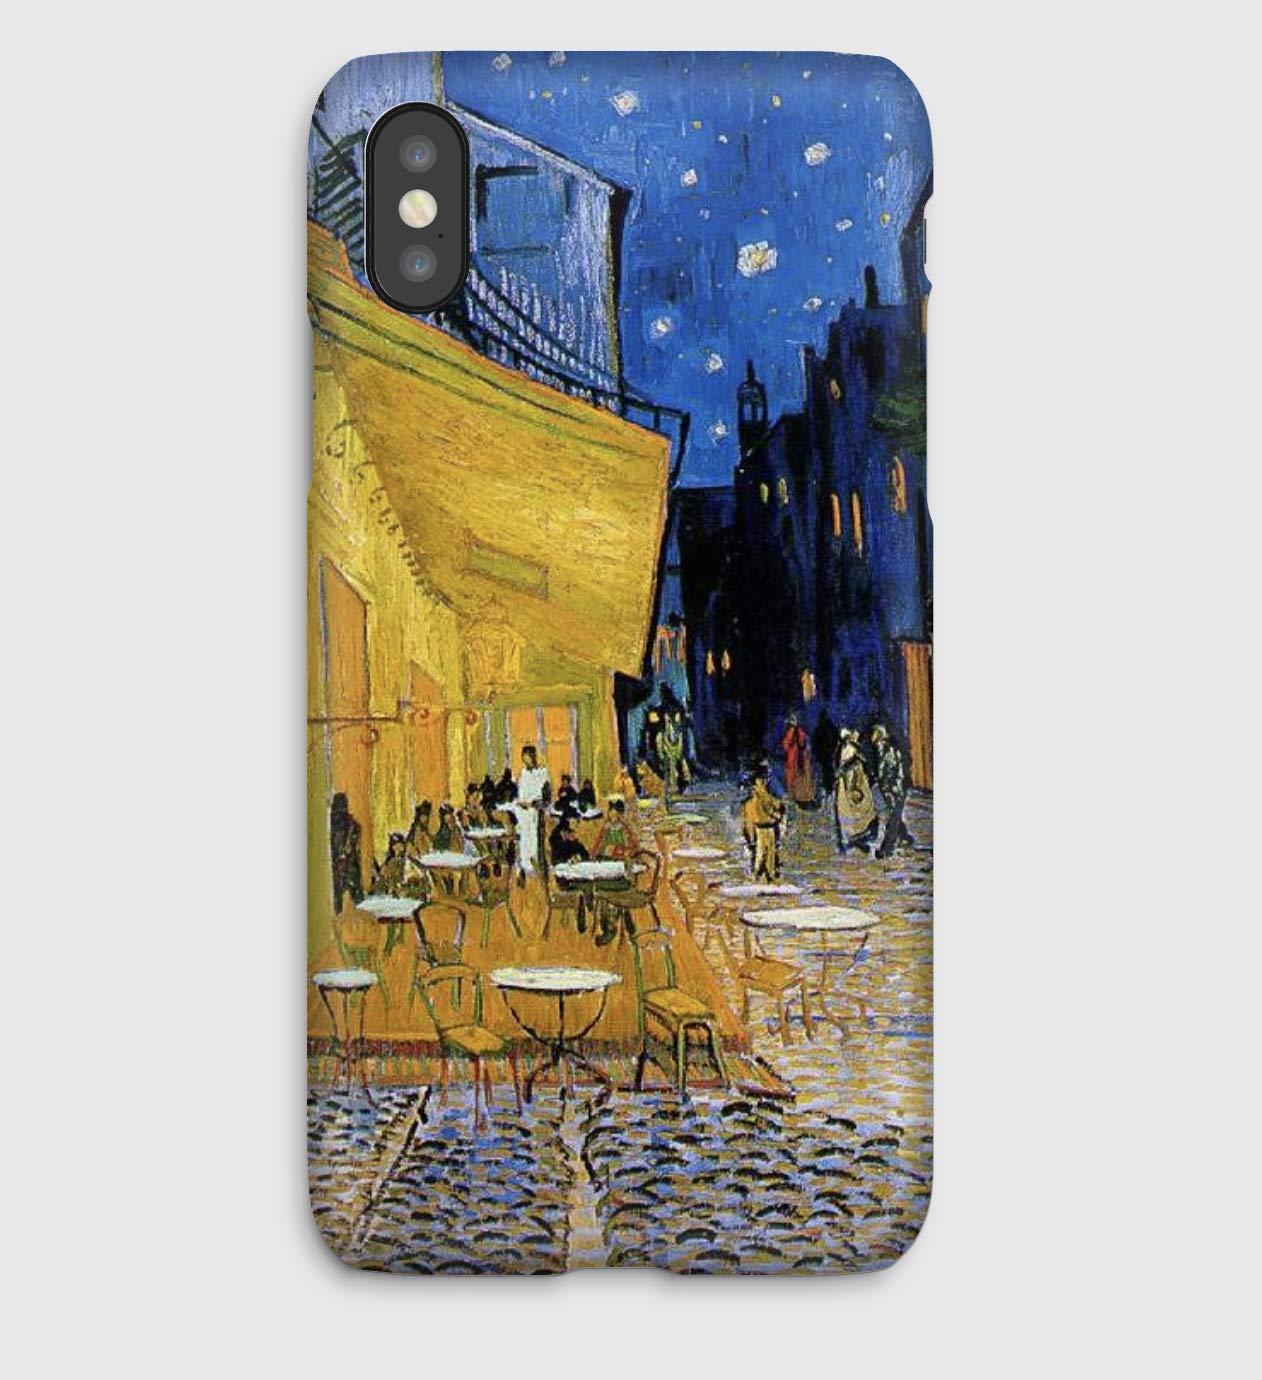 Vincent Van Gogh, coque pour iPhone XS, XS Max, XR, X, 8, 8+, 7, 7+, 6S, 6, 6S+, 6+, 5C, 5, 5S, 5SE, 4S, 4,